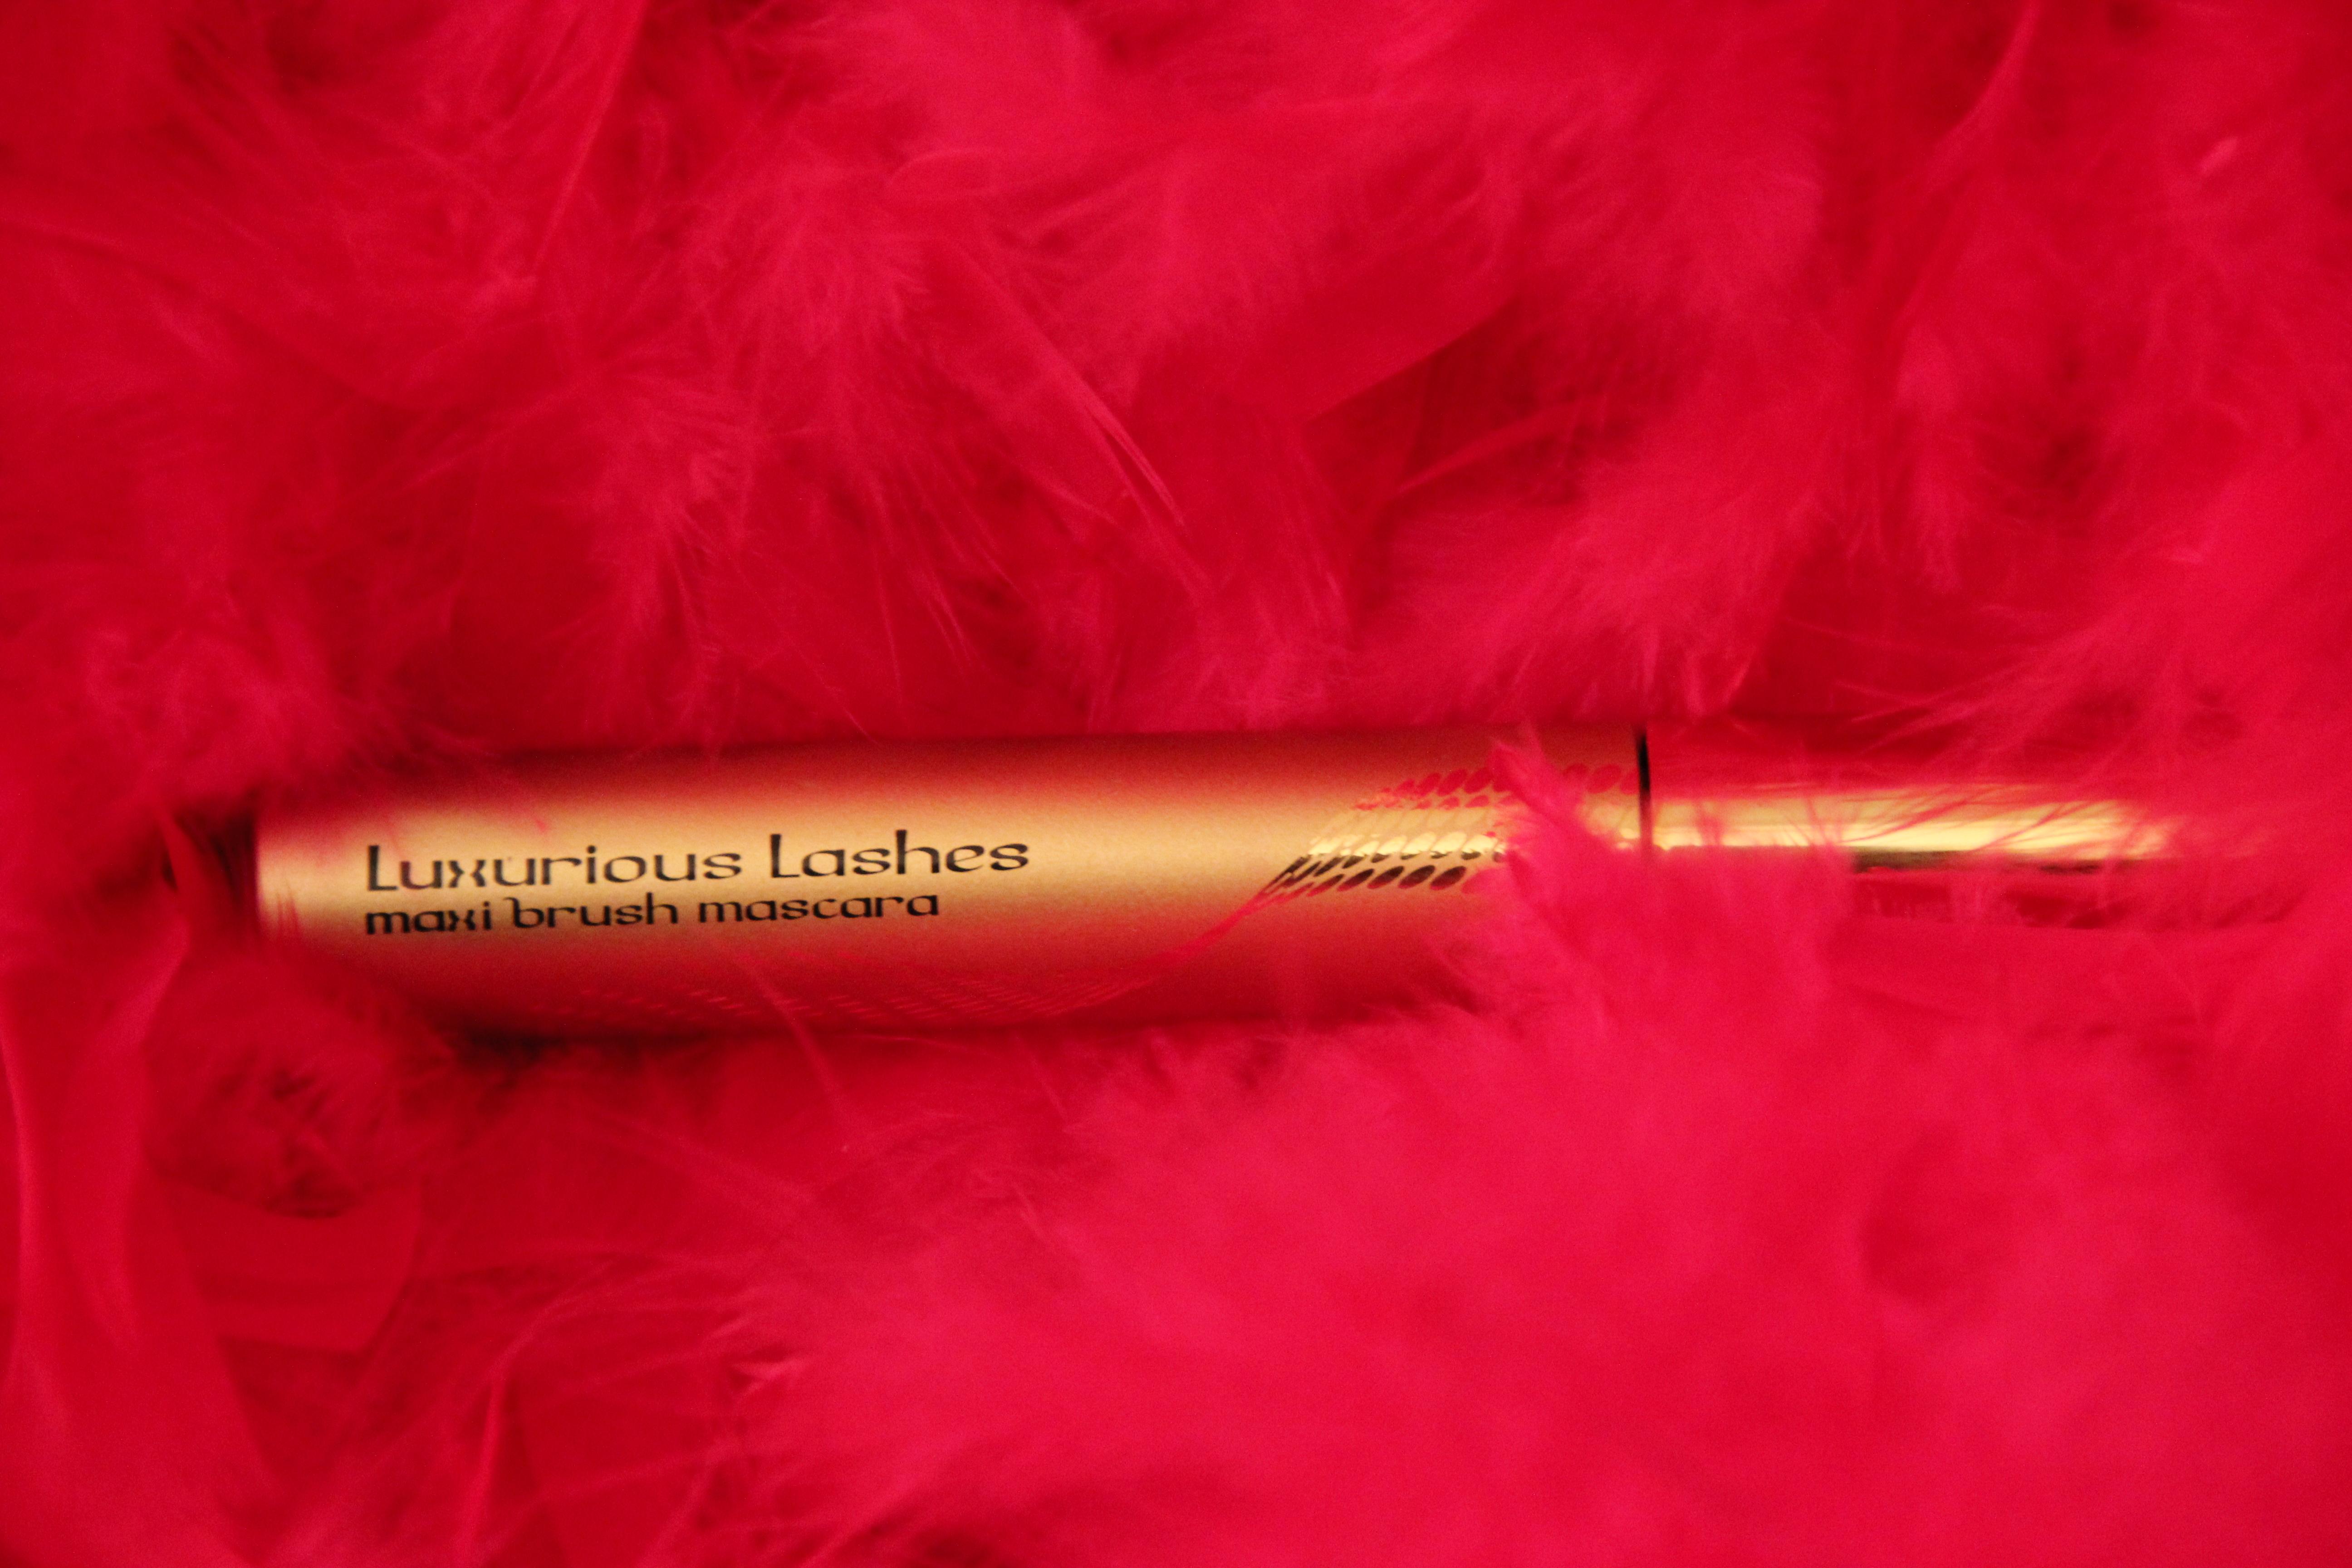 Kiko Luxurious Lashes - Charonbelli's blog beauté